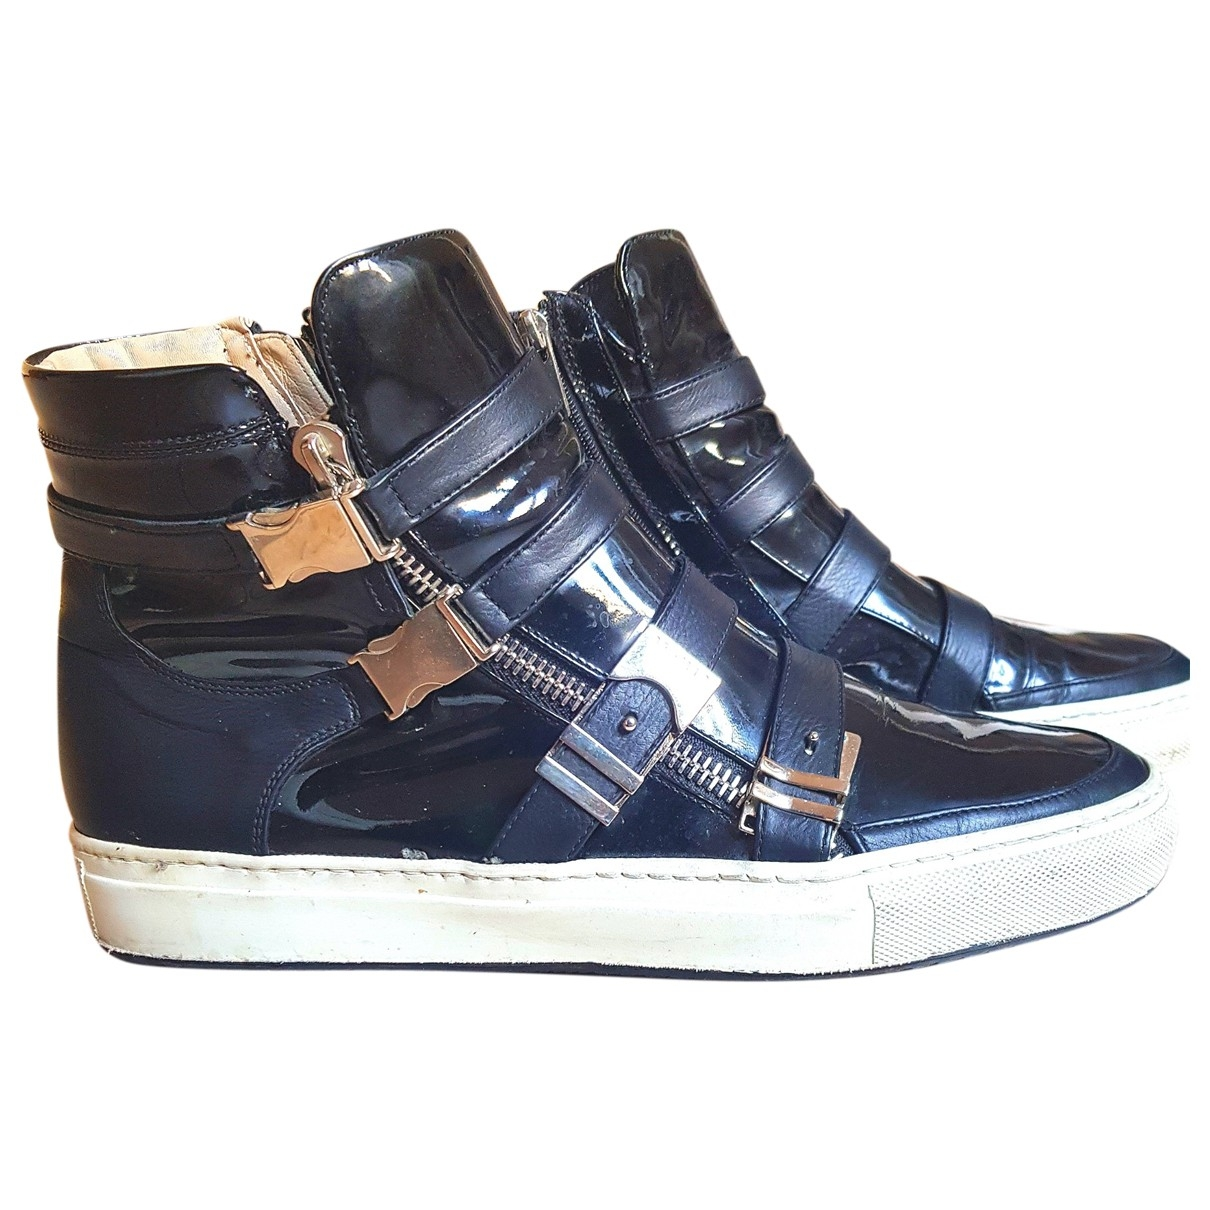 Le Silla \N Sneakers in  Schwarz Leder